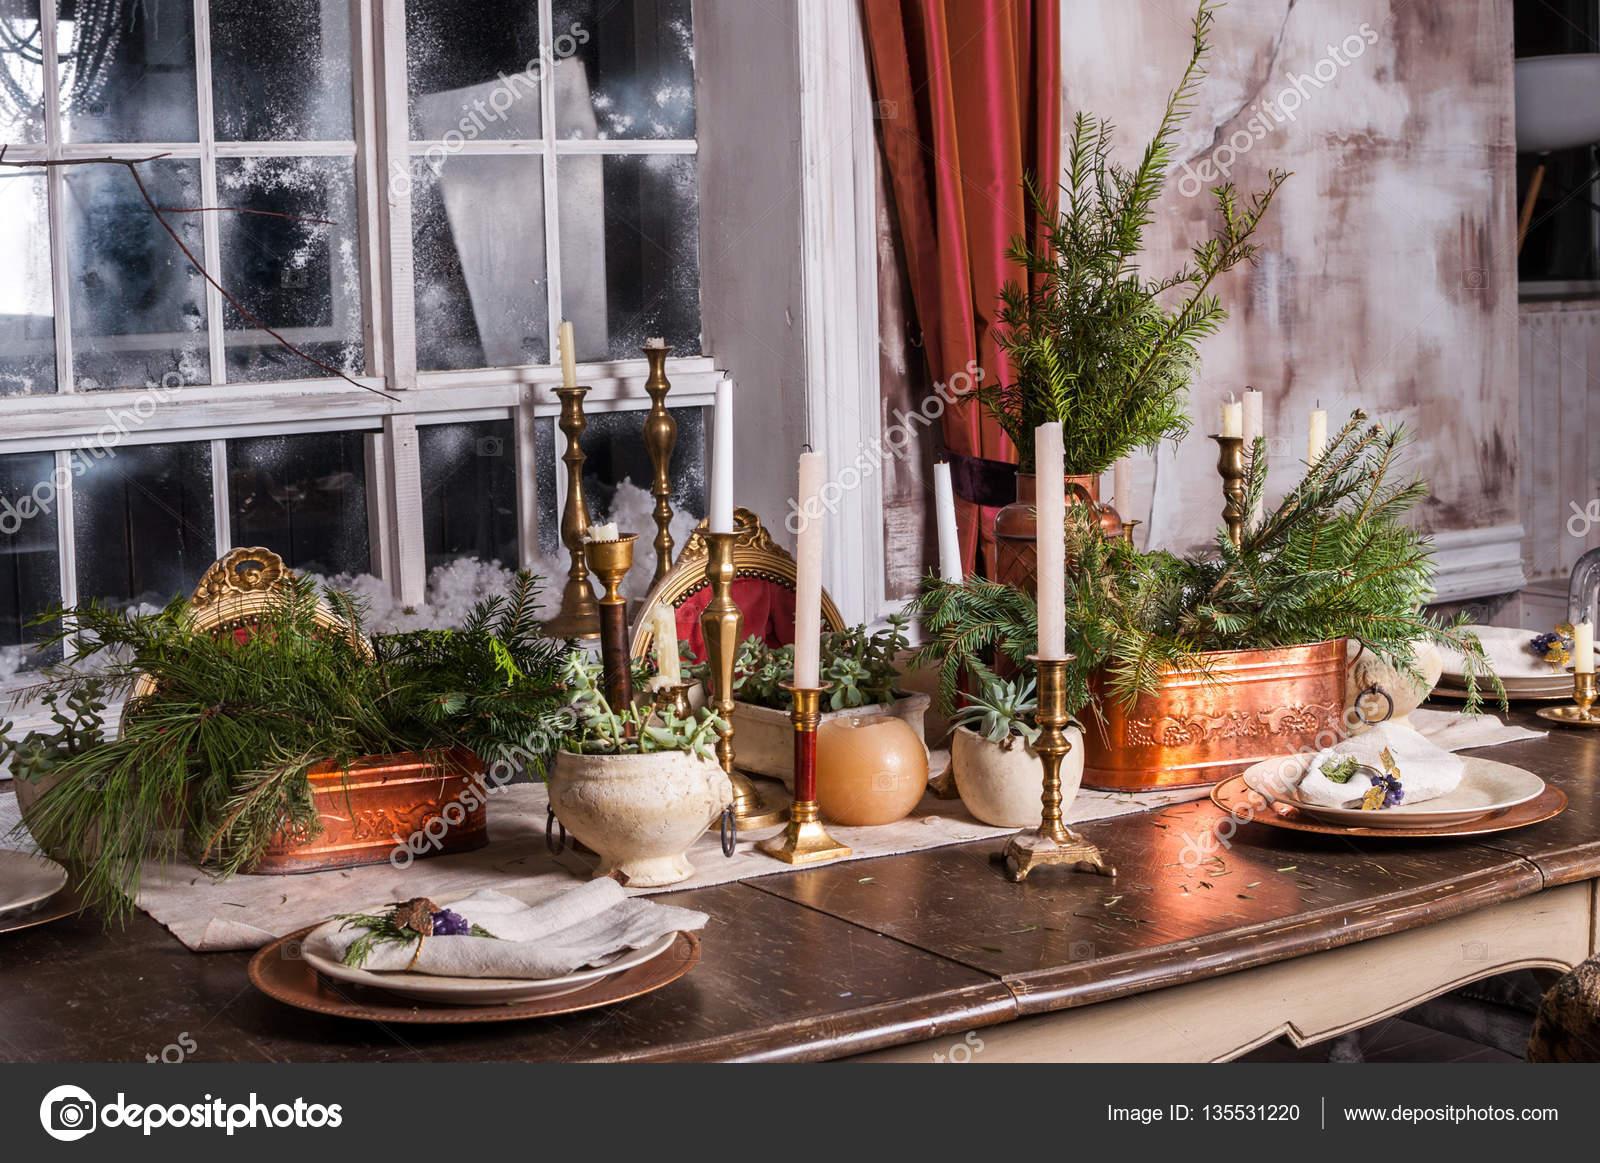 Beau Table à Manger Décorées Pour Noël Et Pièce Maîtresse à Feuilles  Persistantesu2013 Images De Stock Libres De Droits